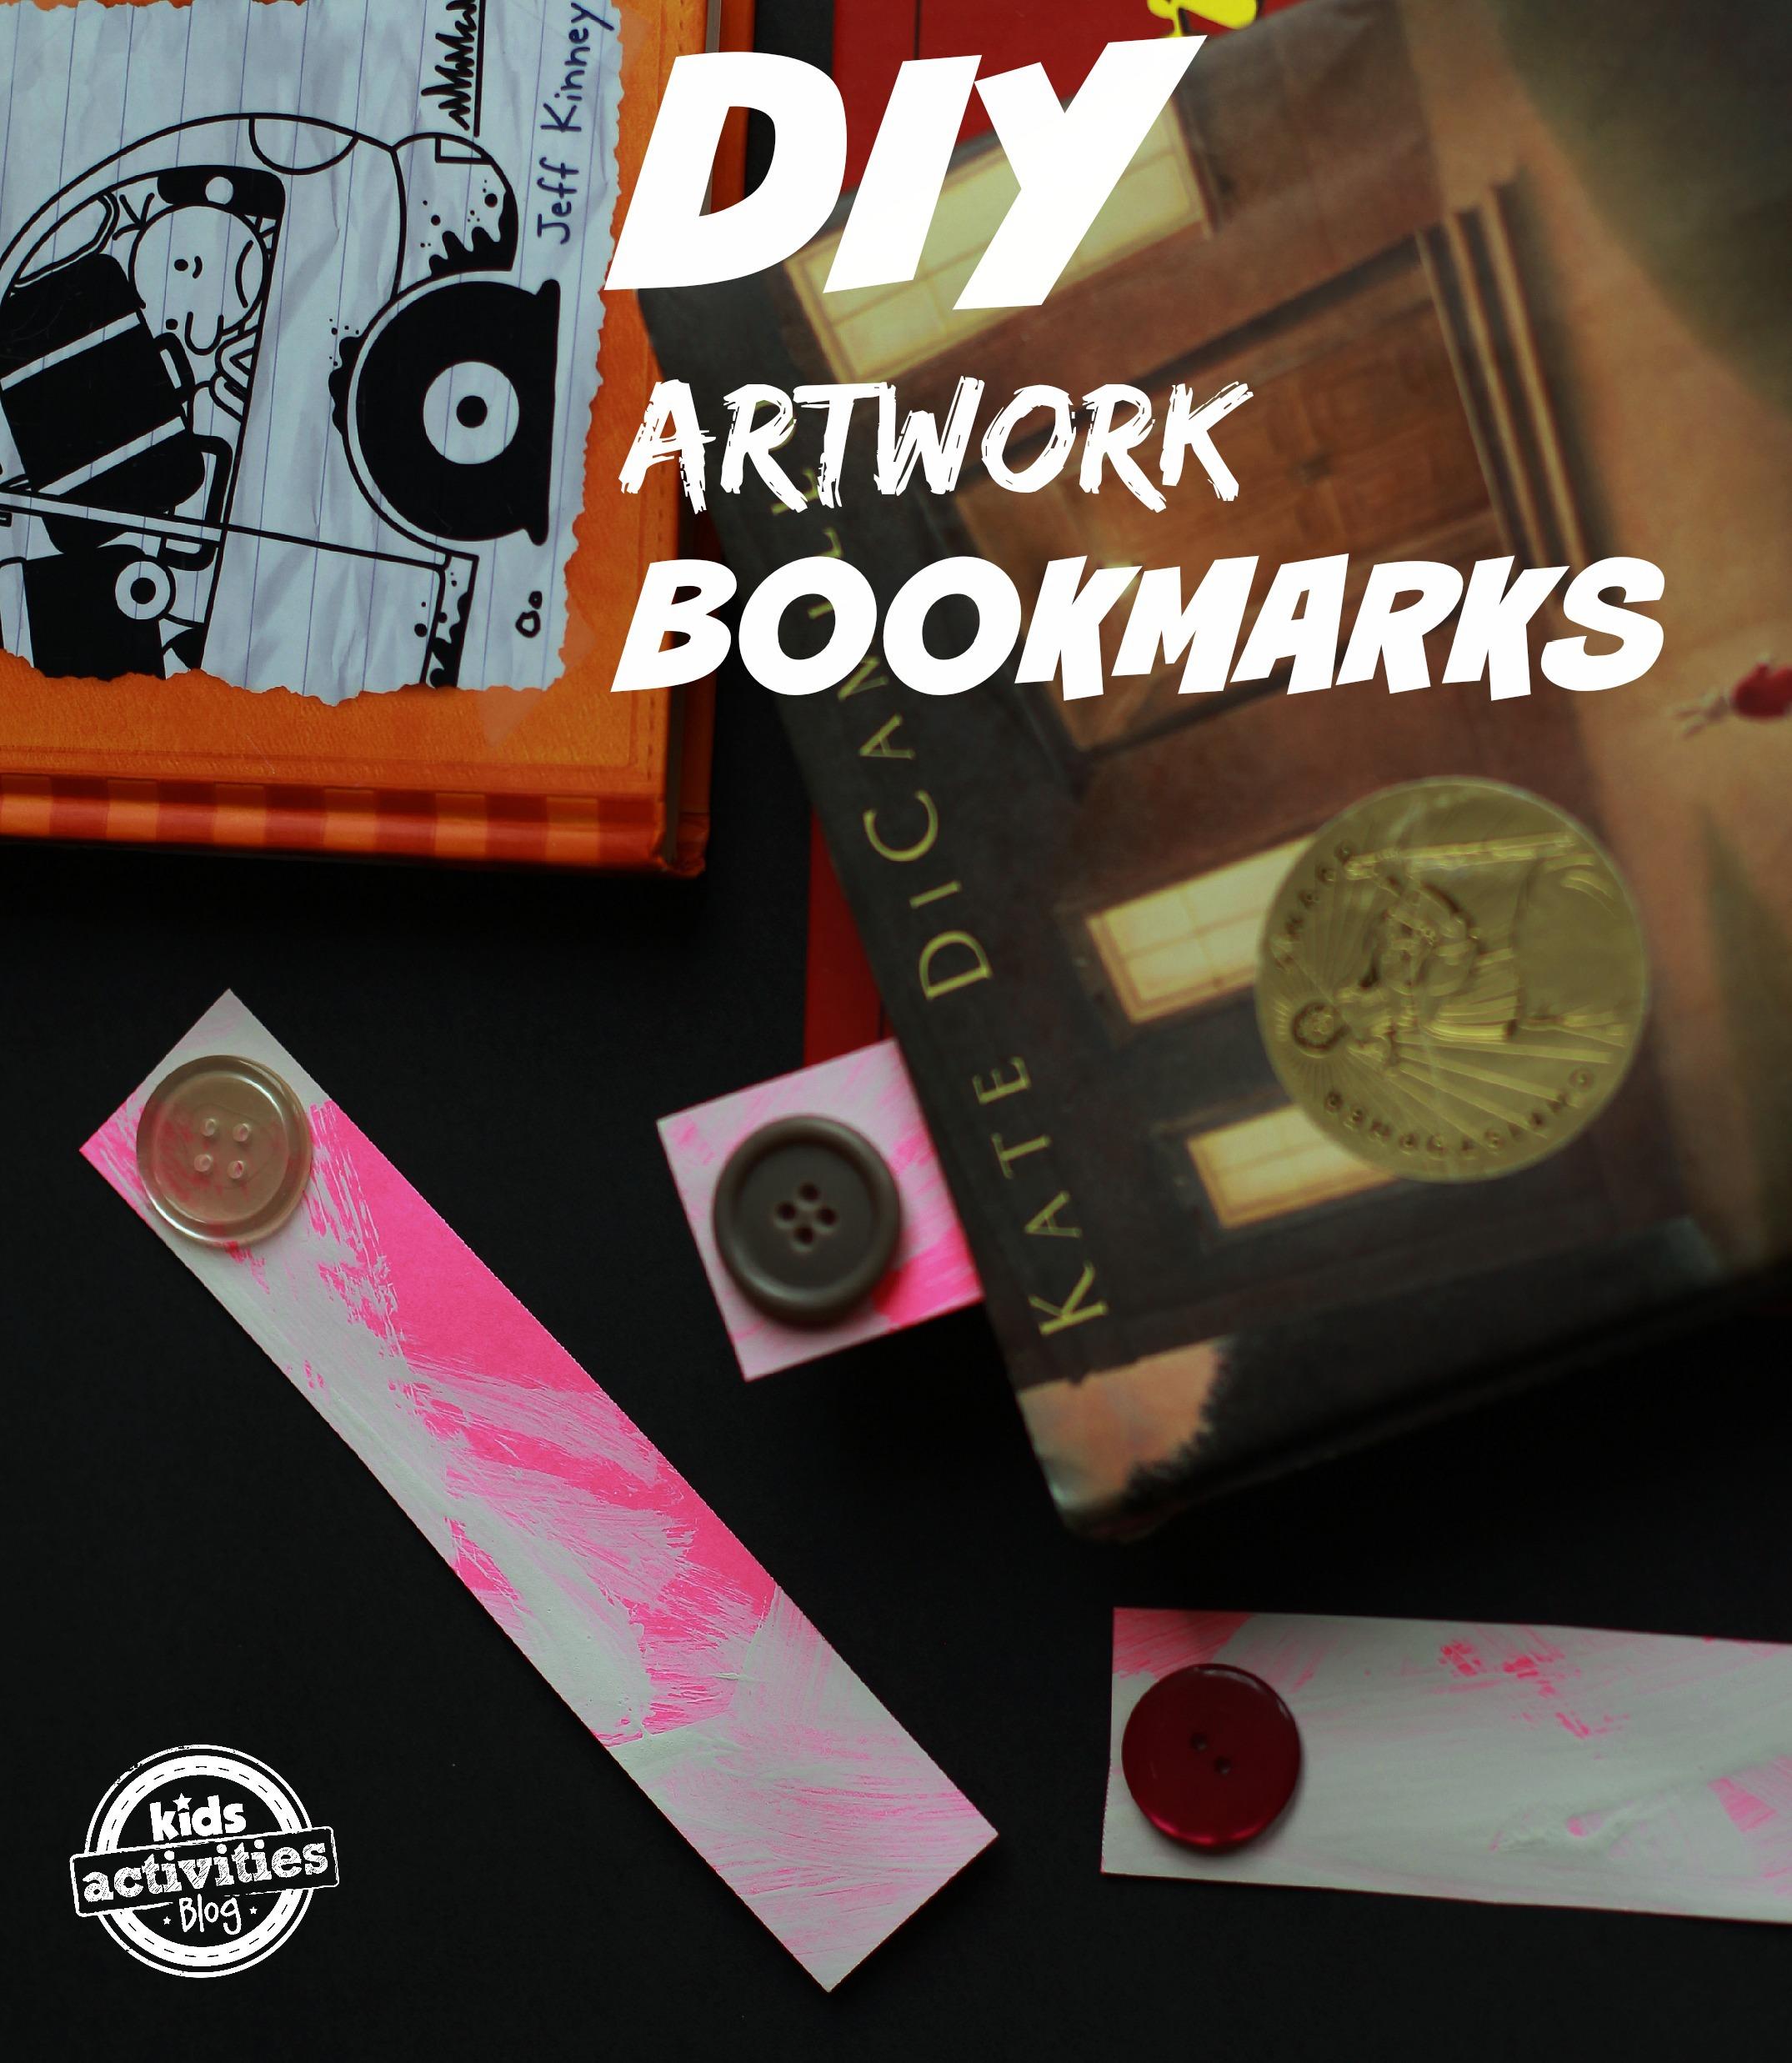 DIY Artwork Bookmarks